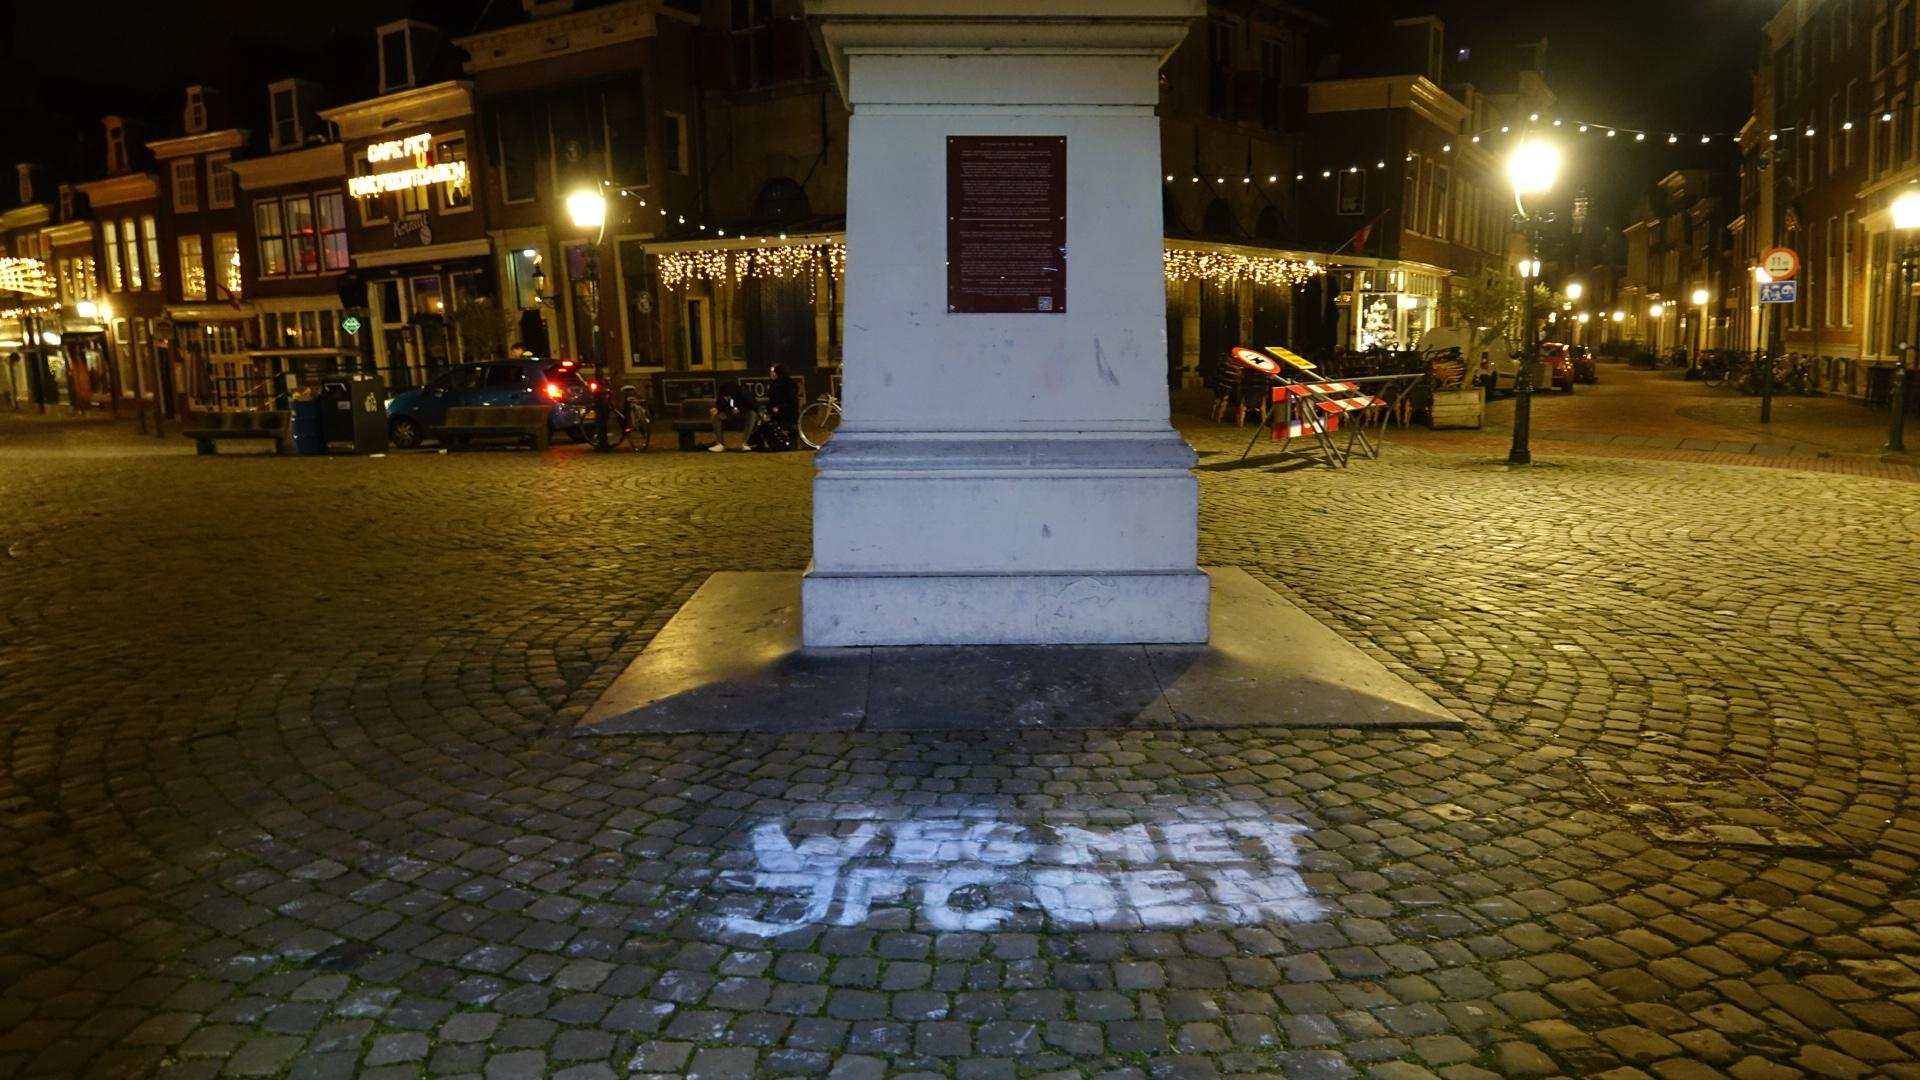 Hoorn verhaalt kosten 'misplaatste' actie tegen JP Coen op daders